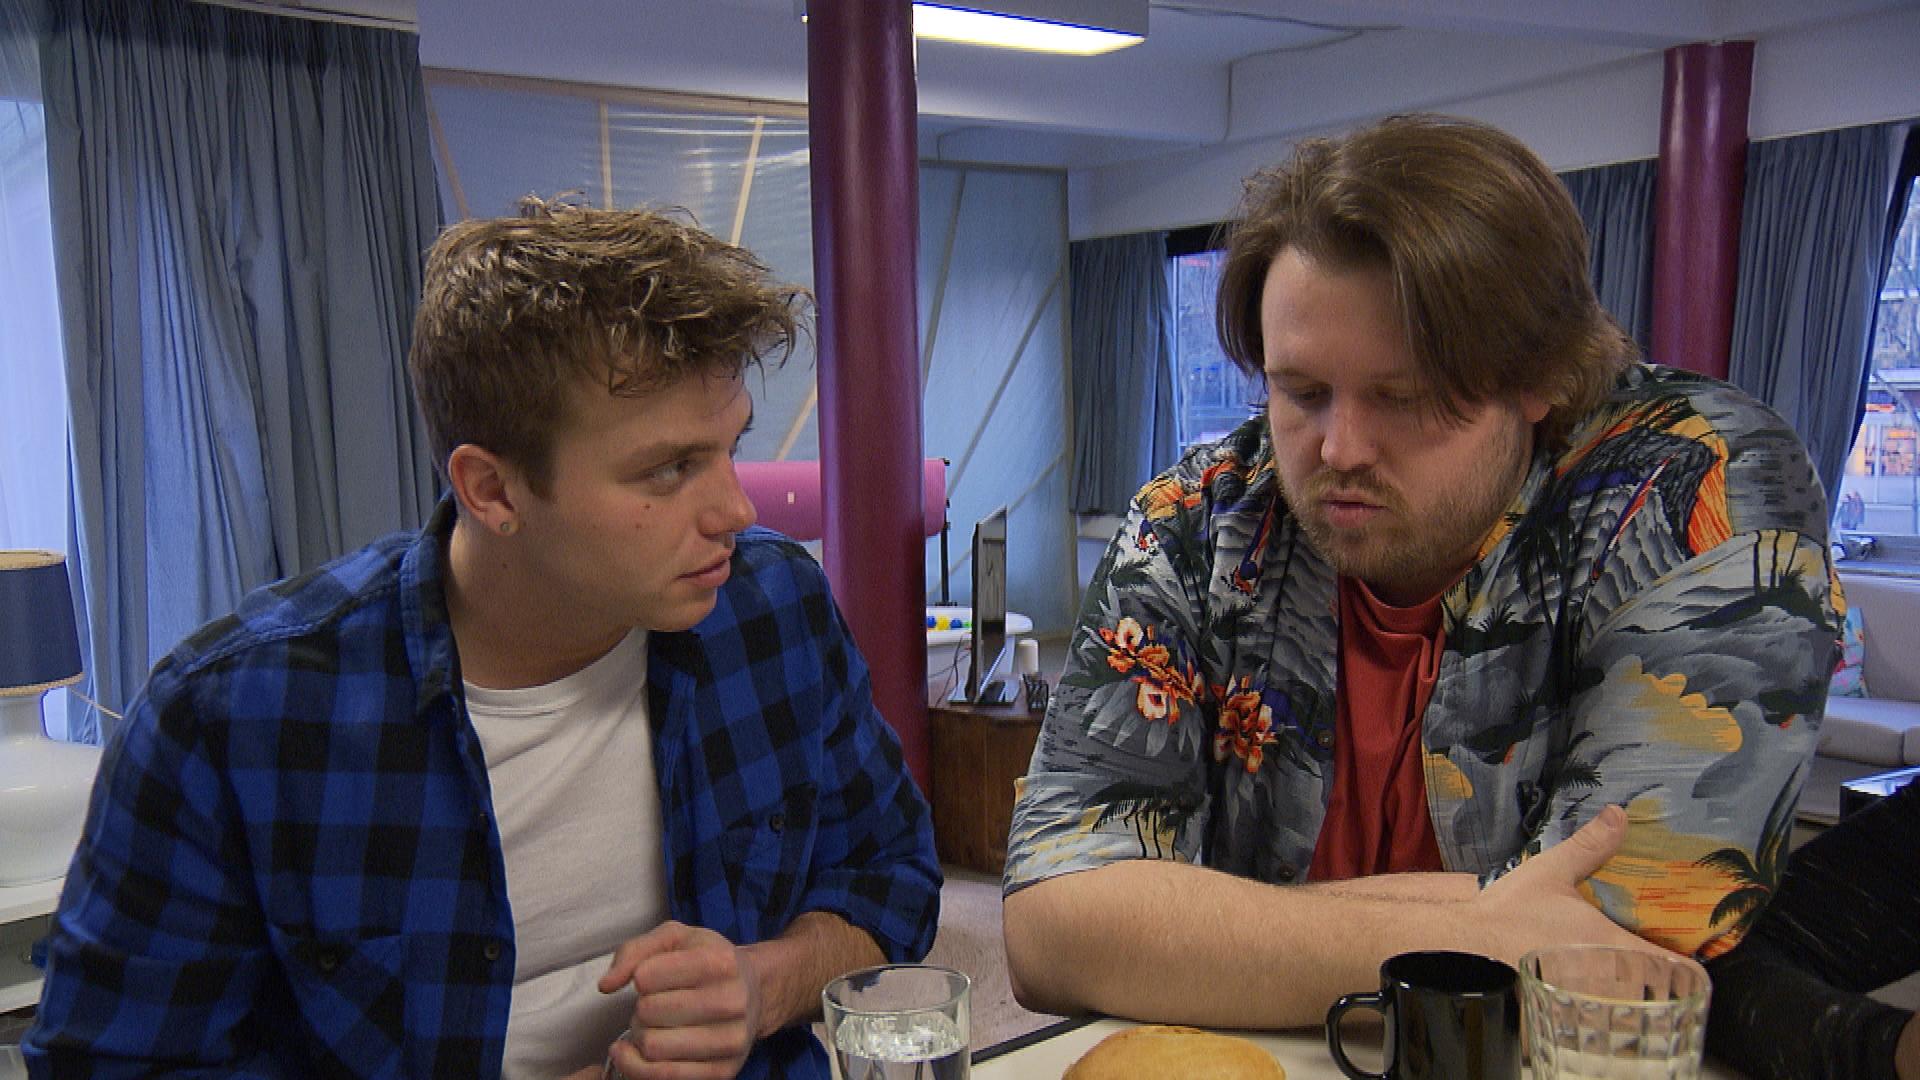 Jan bekommt mit, dass Felix und Filiz sich getrennt haben und macht es sich zum Tagesziel, Felix von seinem Kummer abzulenken. Dass es Felix gar nicht so schlecht geht, wie Jan vermutet, ignoriert dieser. (Quelle: RTL 2)